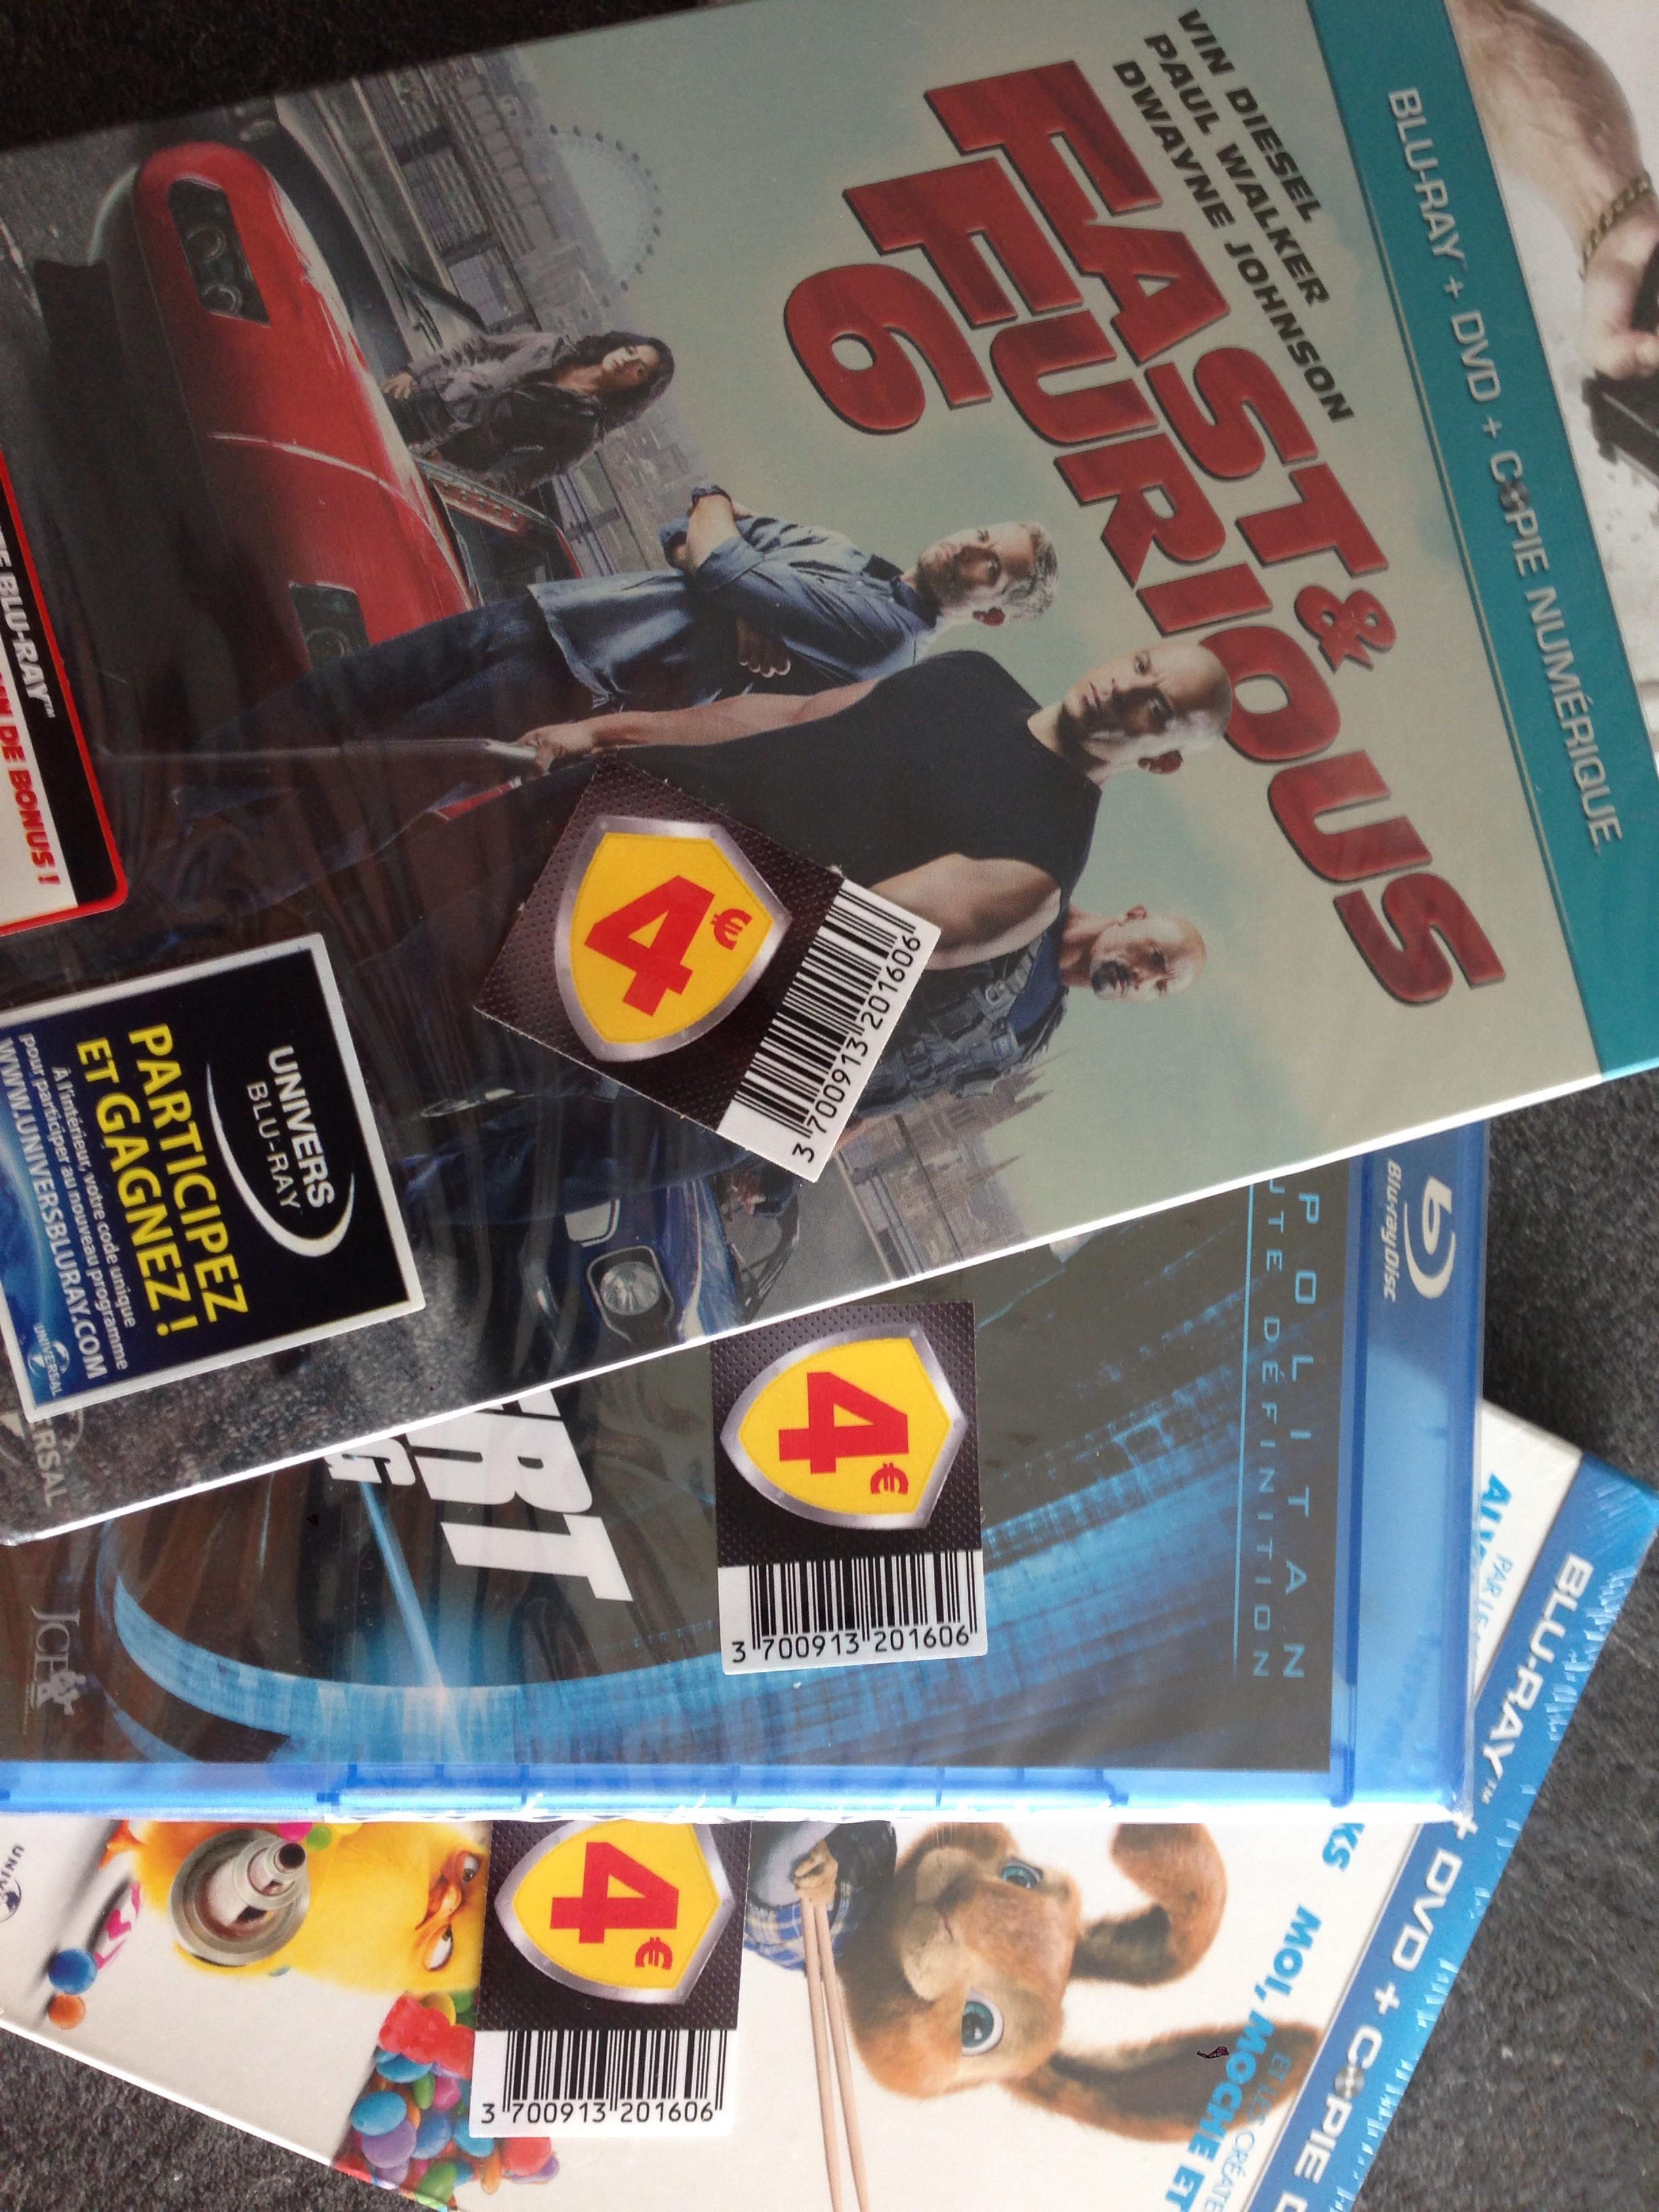 Sélection de plusieurs Blu-ray